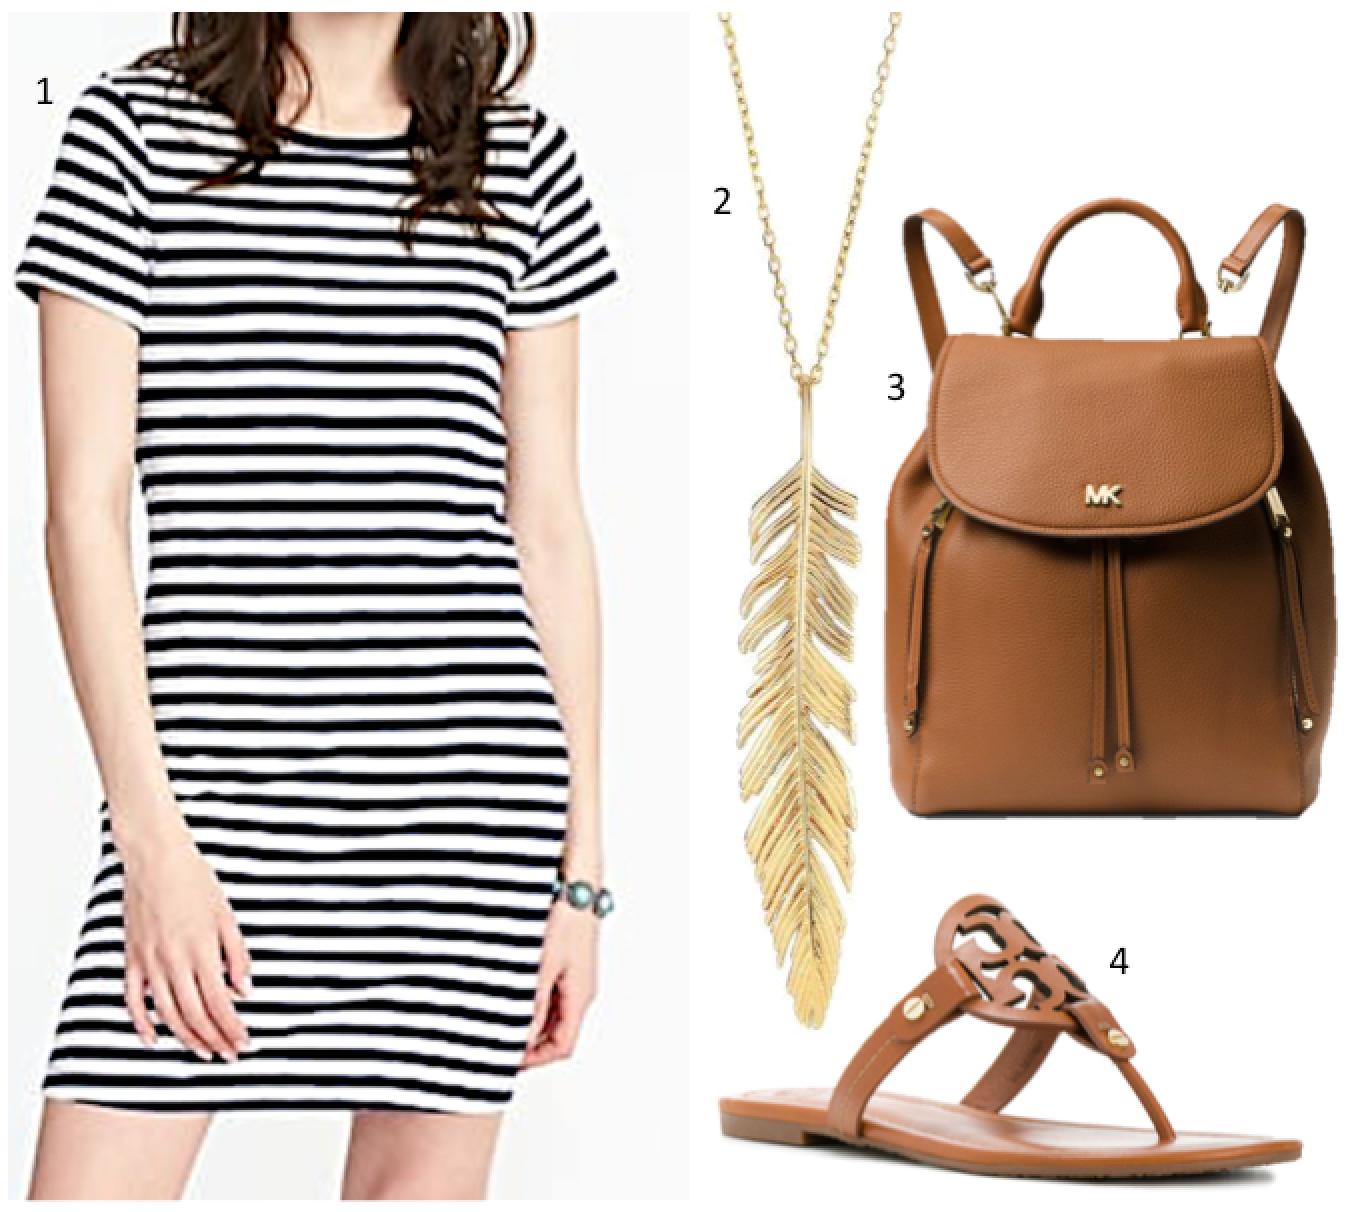 Inspiration Tuesday: T-Shirt Dress